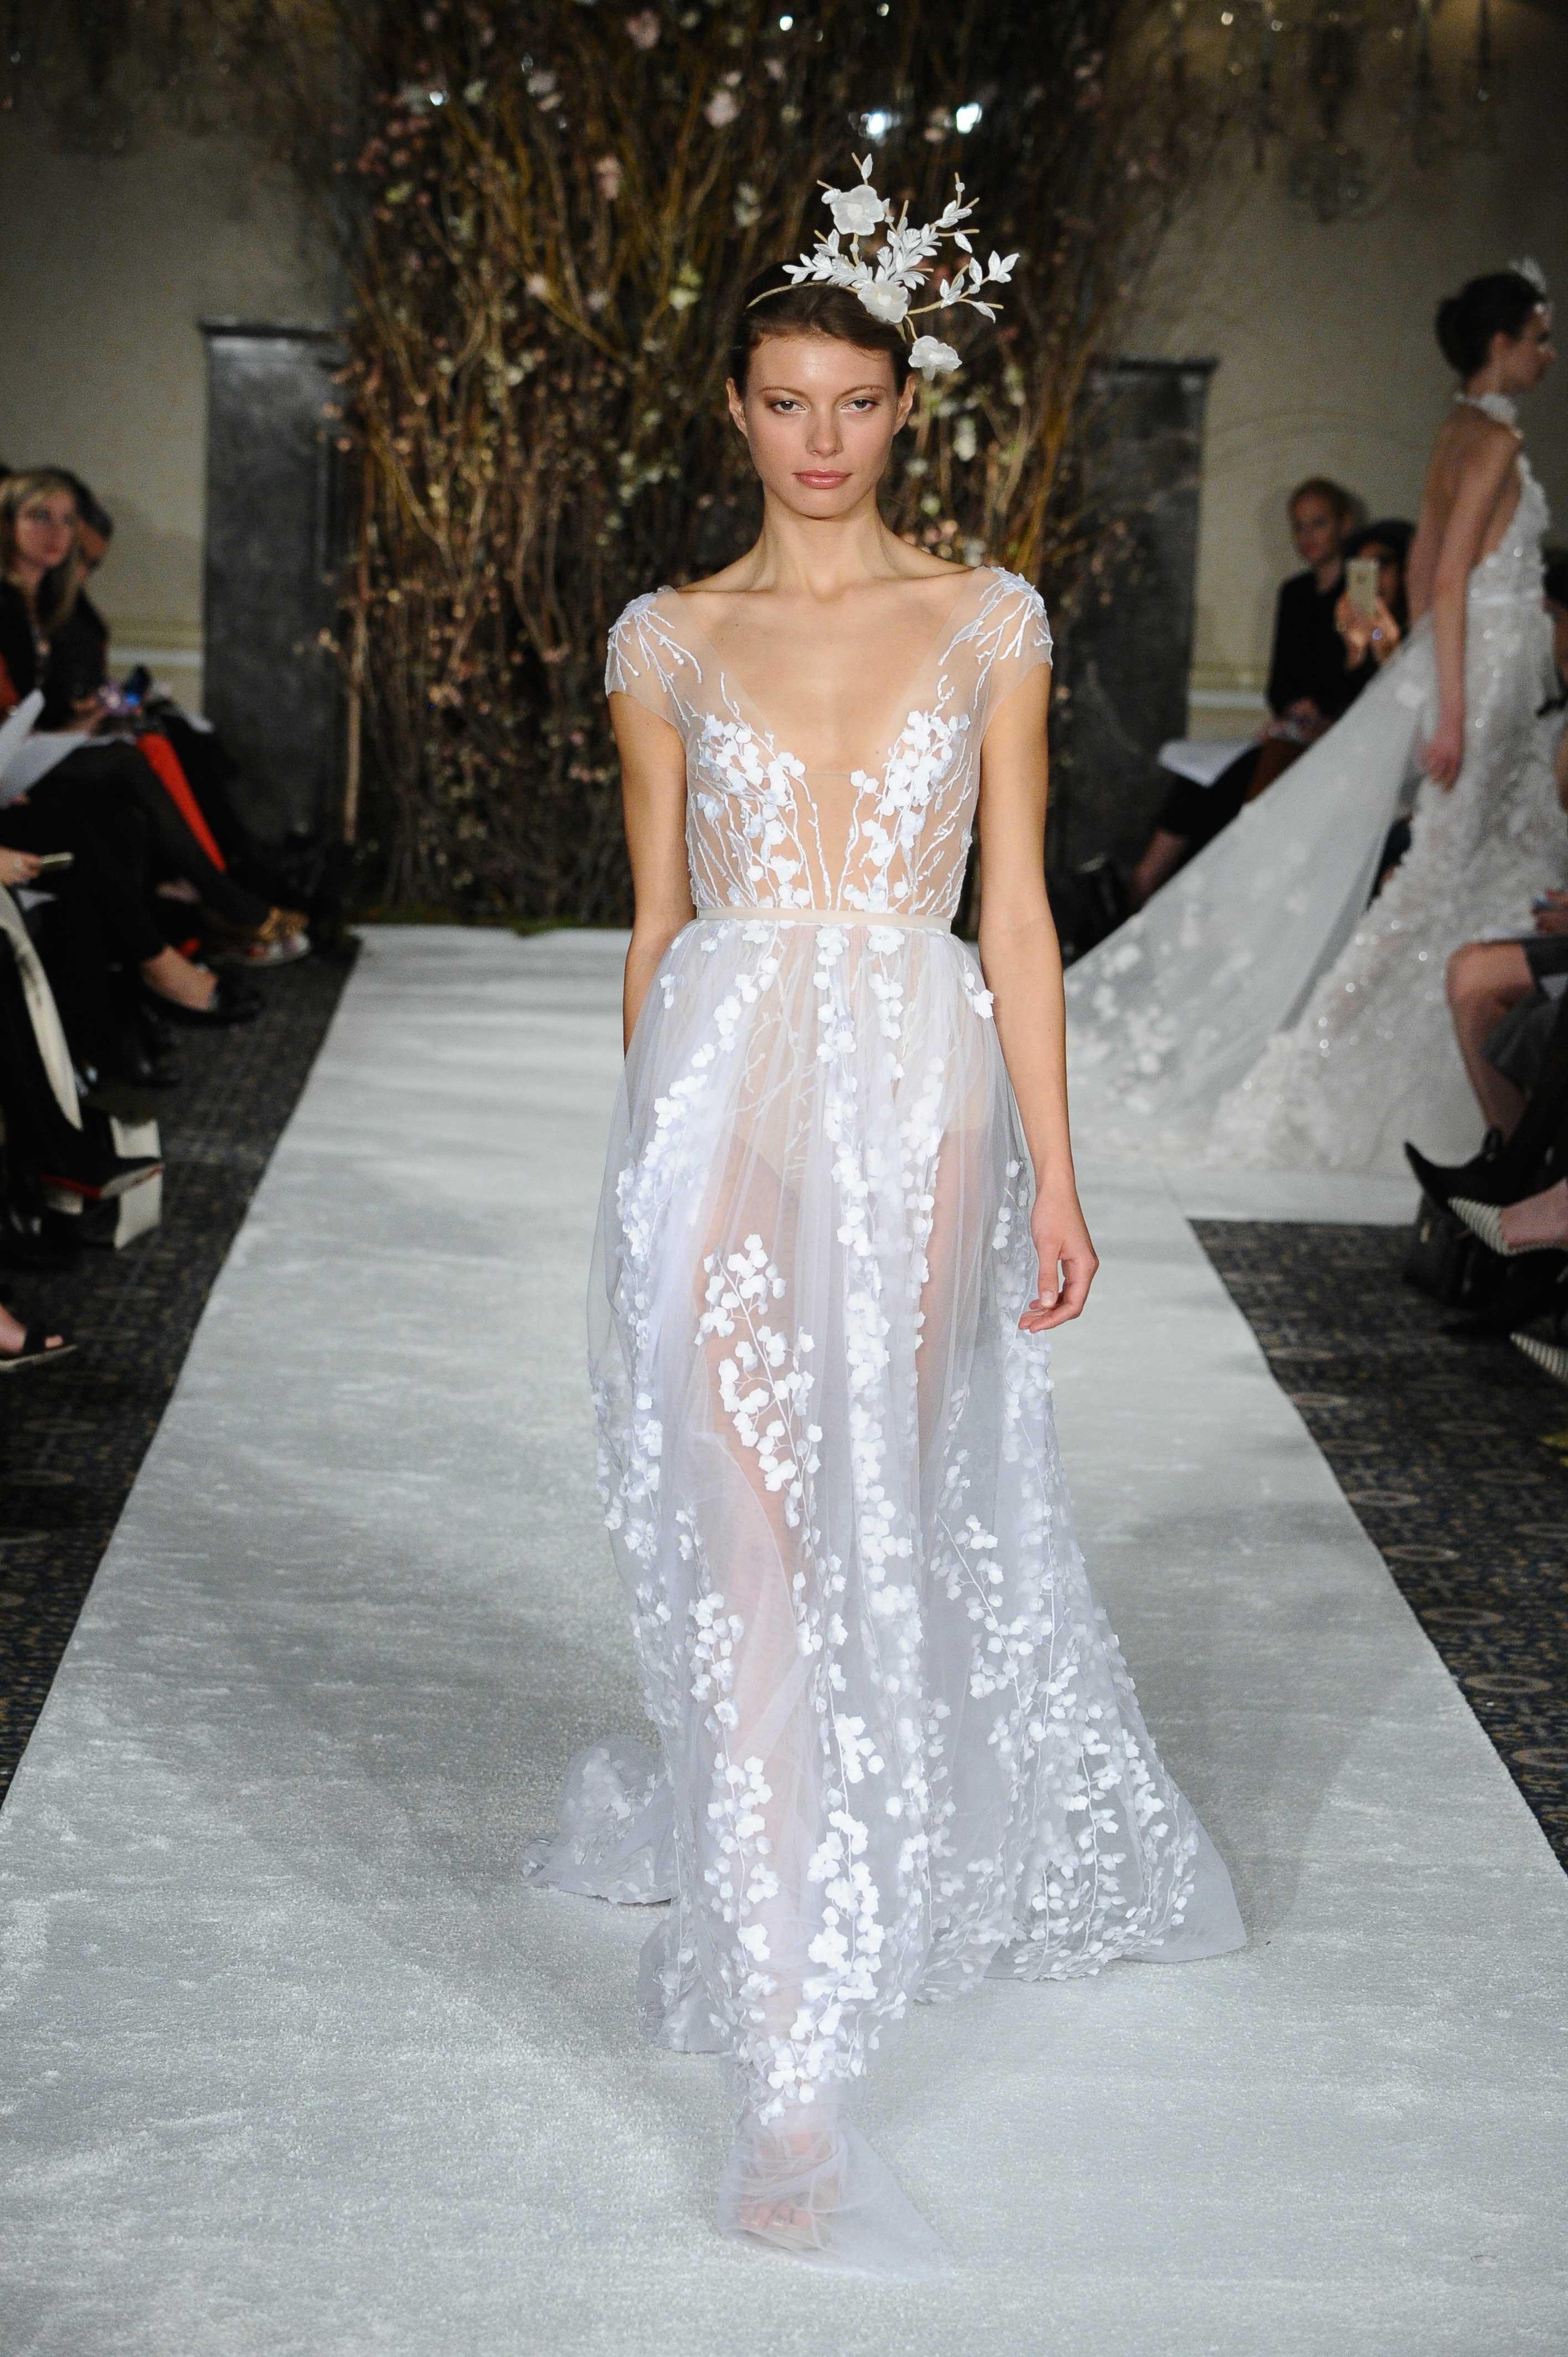 Mira Zwillinger Shimmering Wedding Dress Laverne Cox Emmy Inspiration